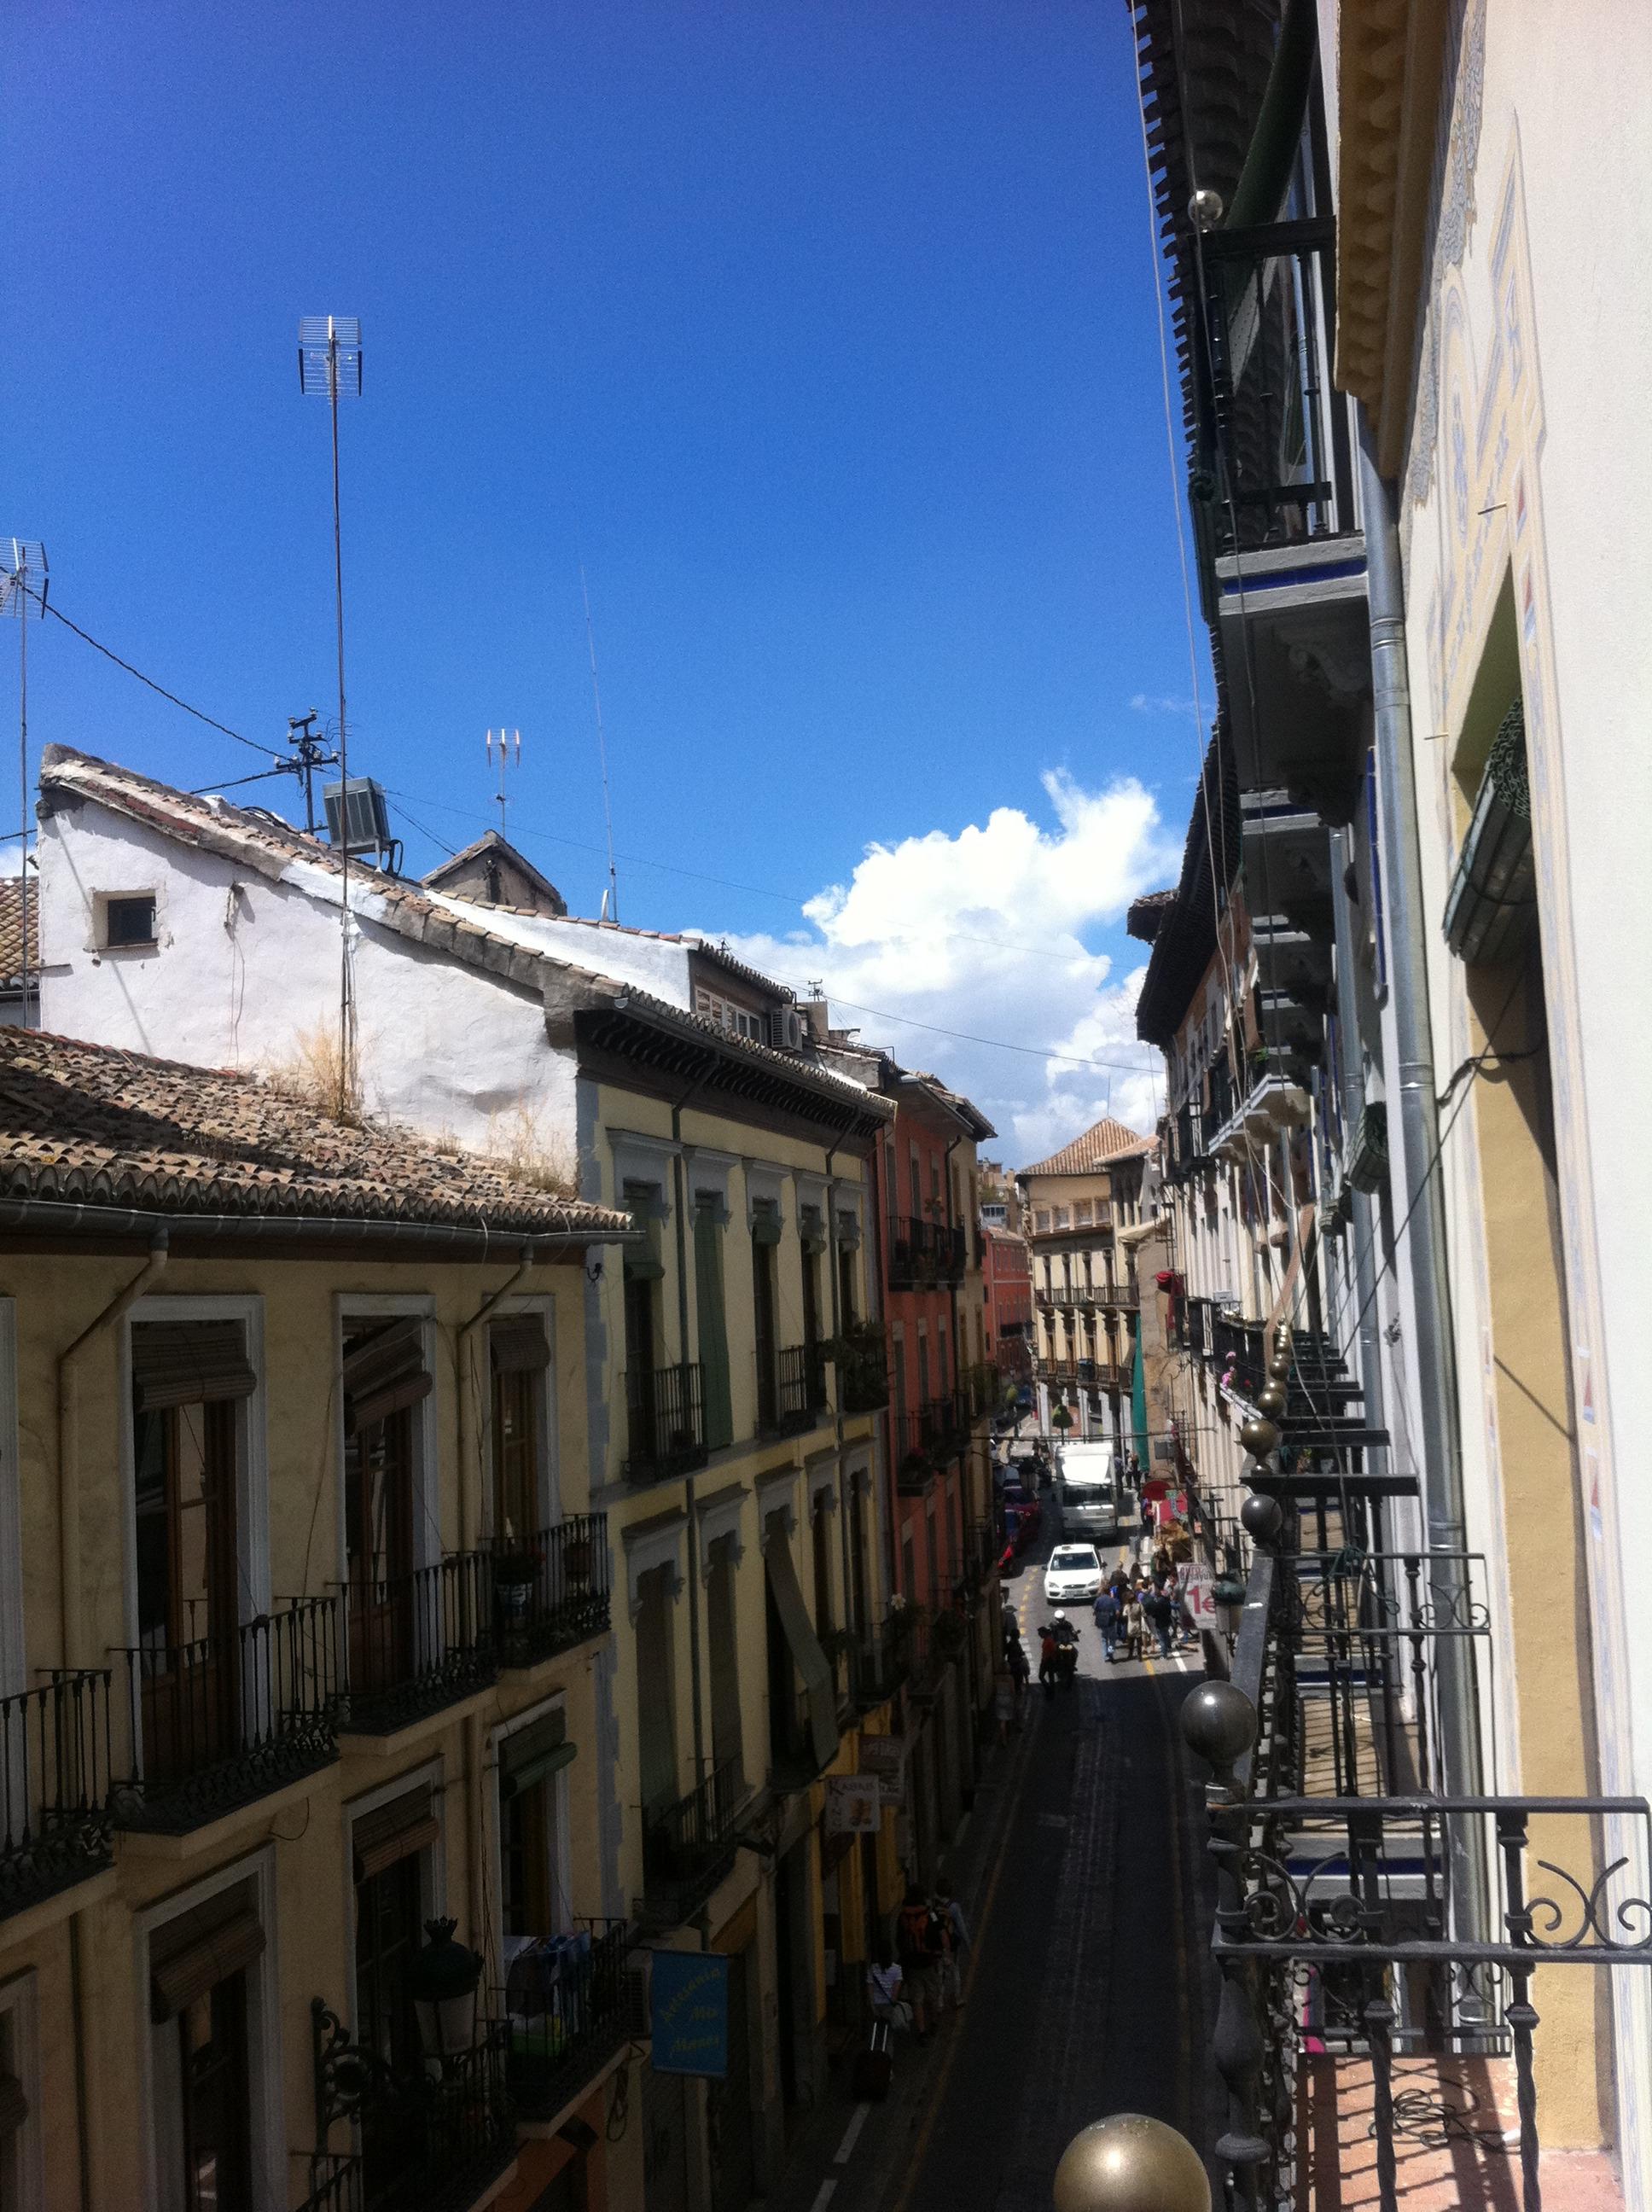 Calle Santa Escolastica